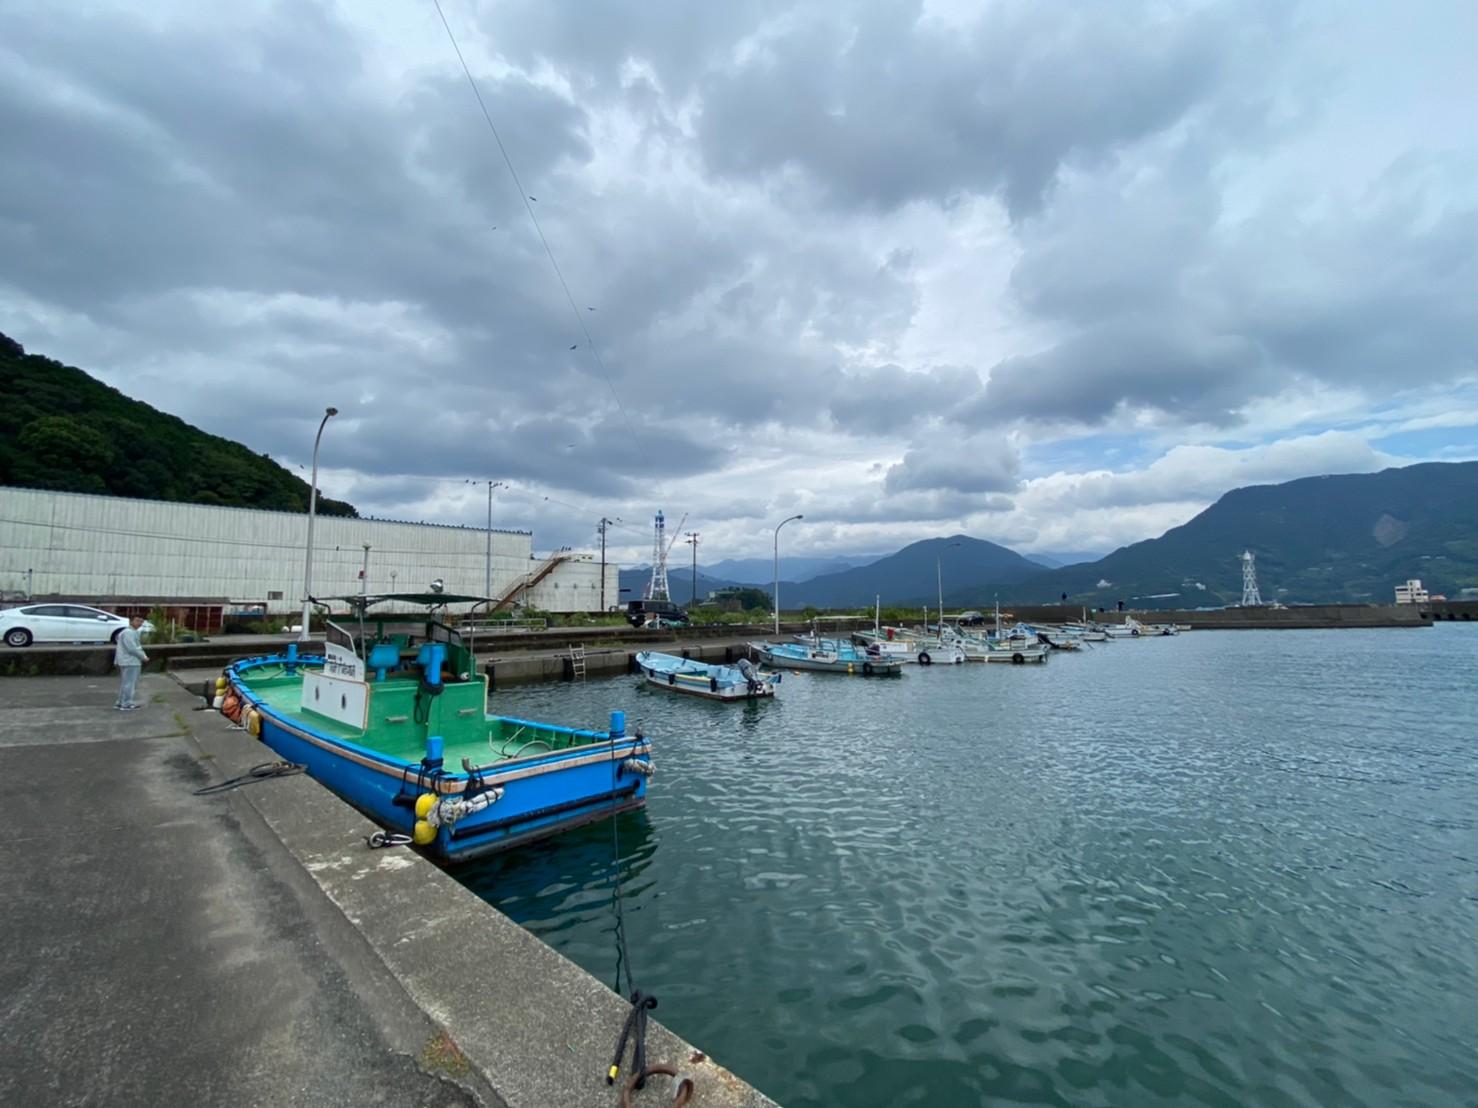 【三重県尾鷲市】『大曽根浦漁港』の海釣りガイド(釣れる魚・駐車場・トイレ)